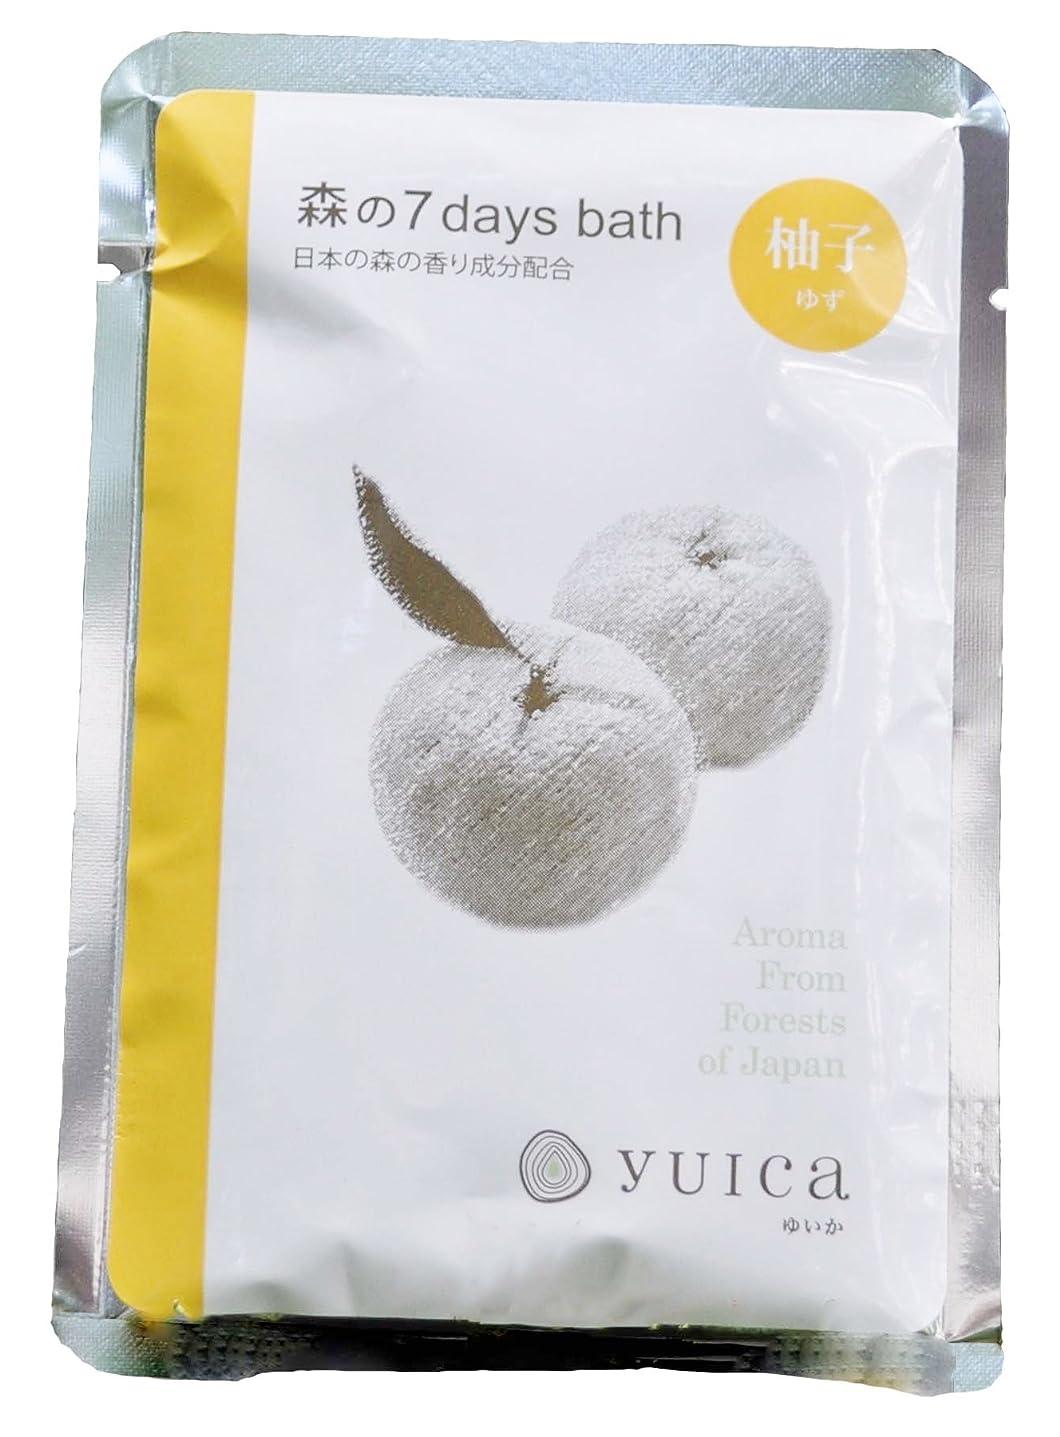 振り子補償勝利したyuica 森の7 days bath(入浴パウダー) ユズの香り 60g